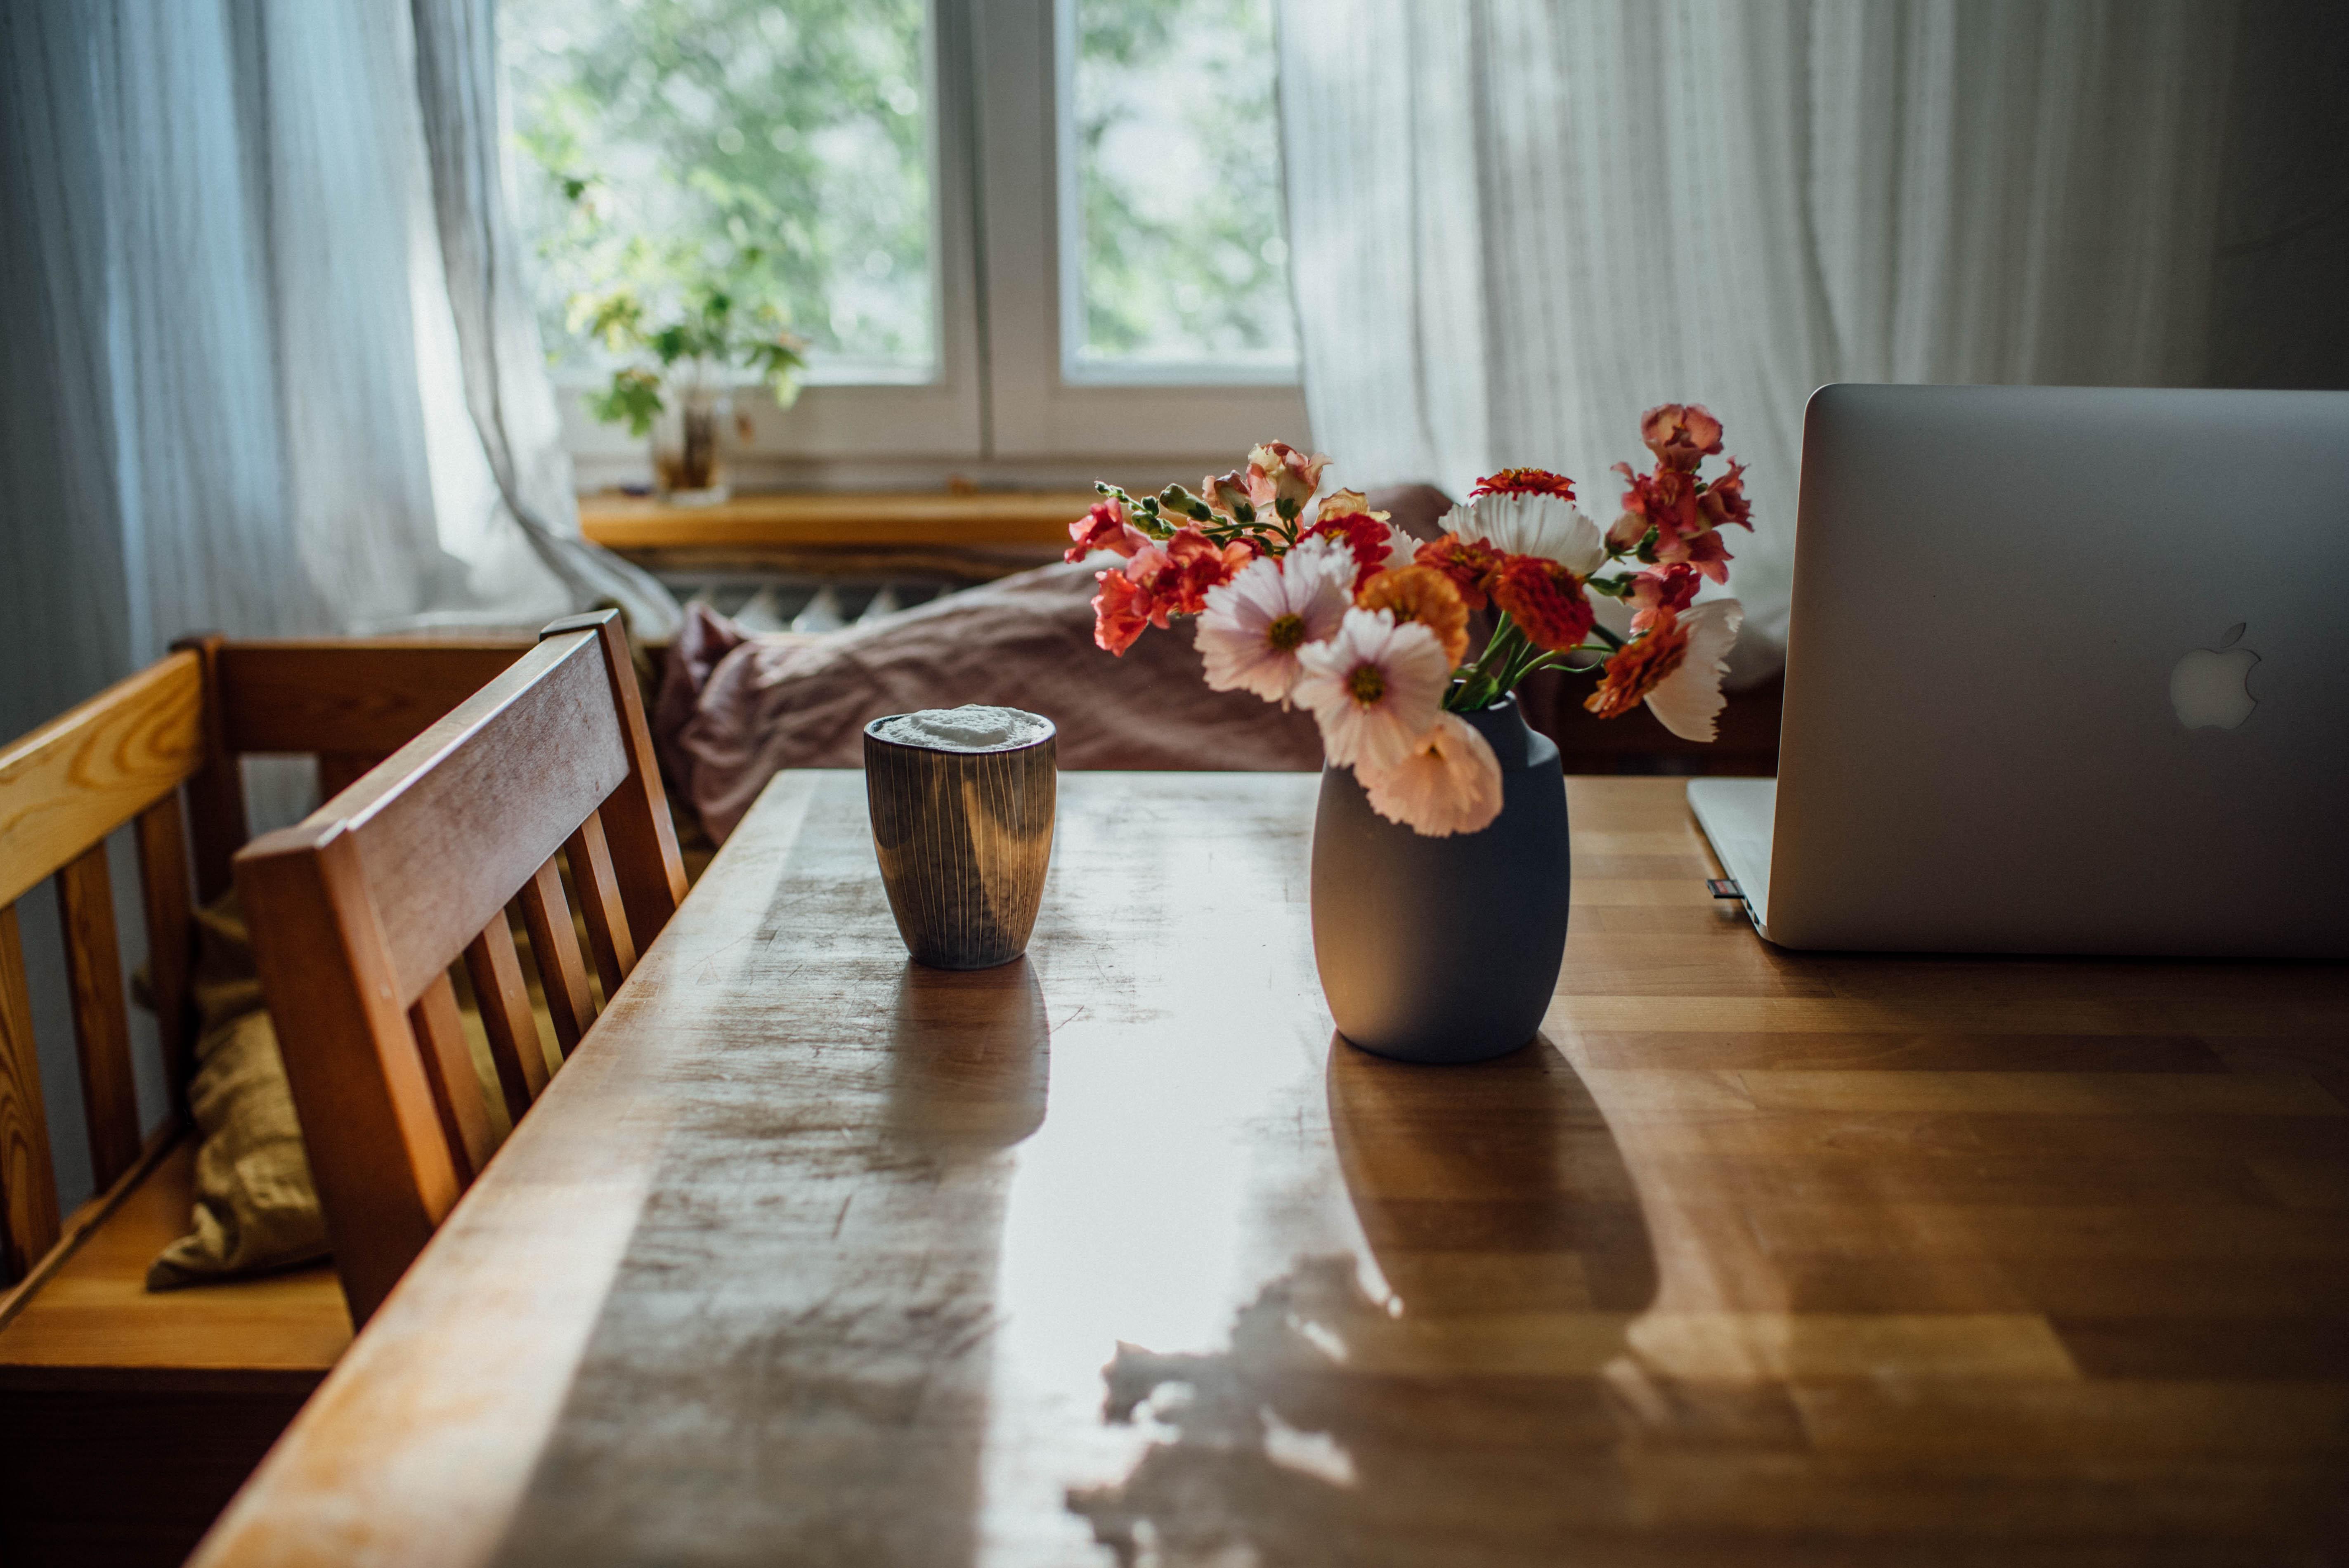 Arbeitsplatz selbstständig selbstvermarktung für fotografen, marketing fotograf